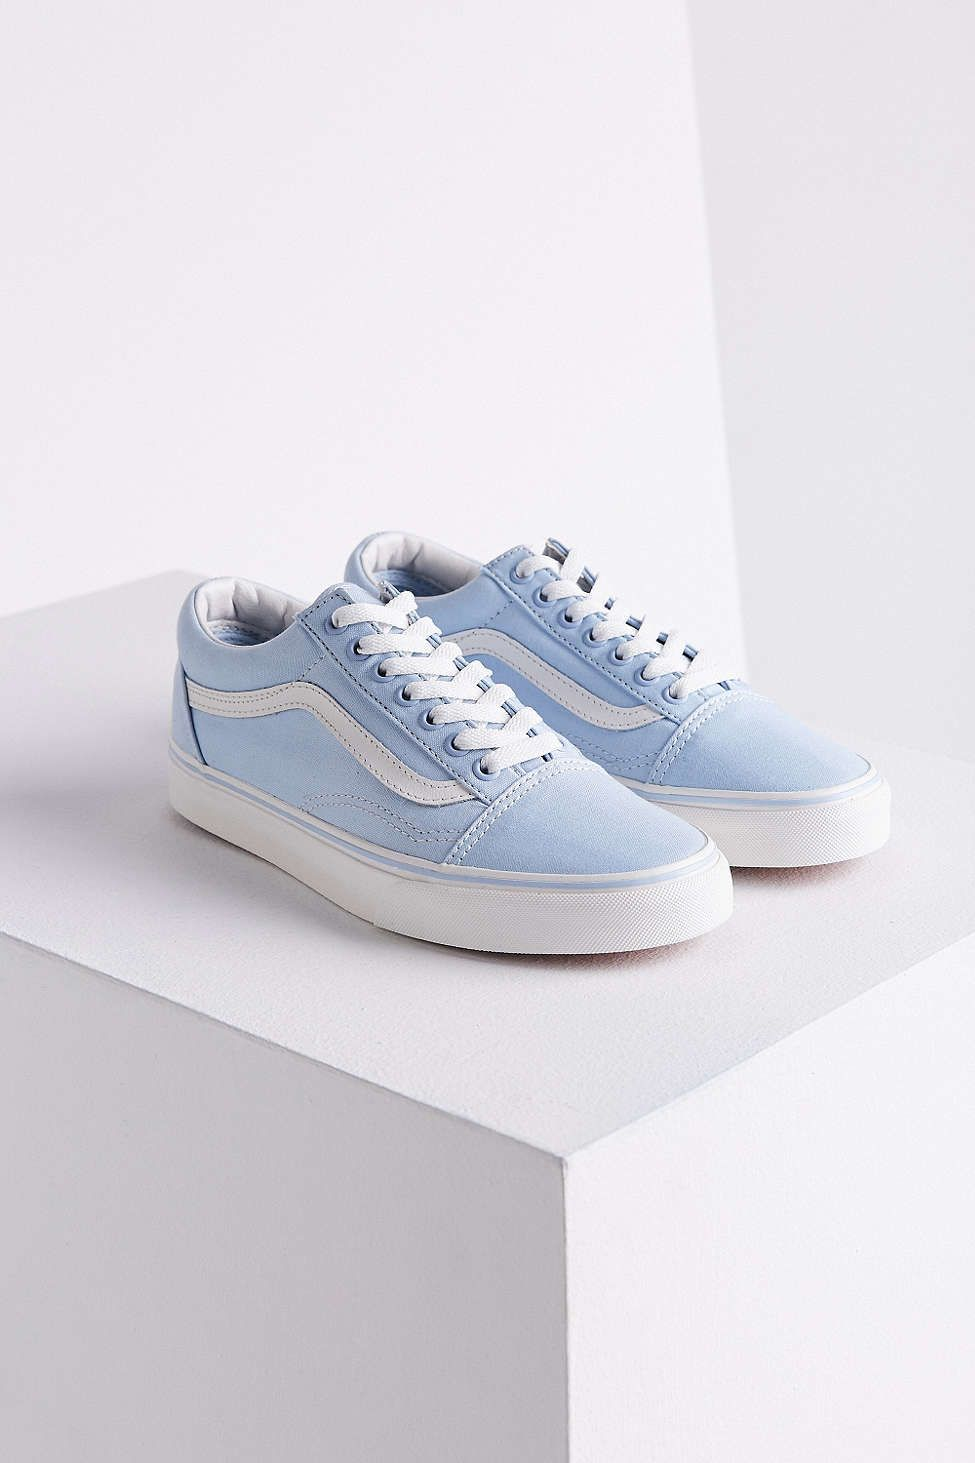 Vans Pastel Old Skool Sneaker | Schuhe Nagellack Und Bekleidung